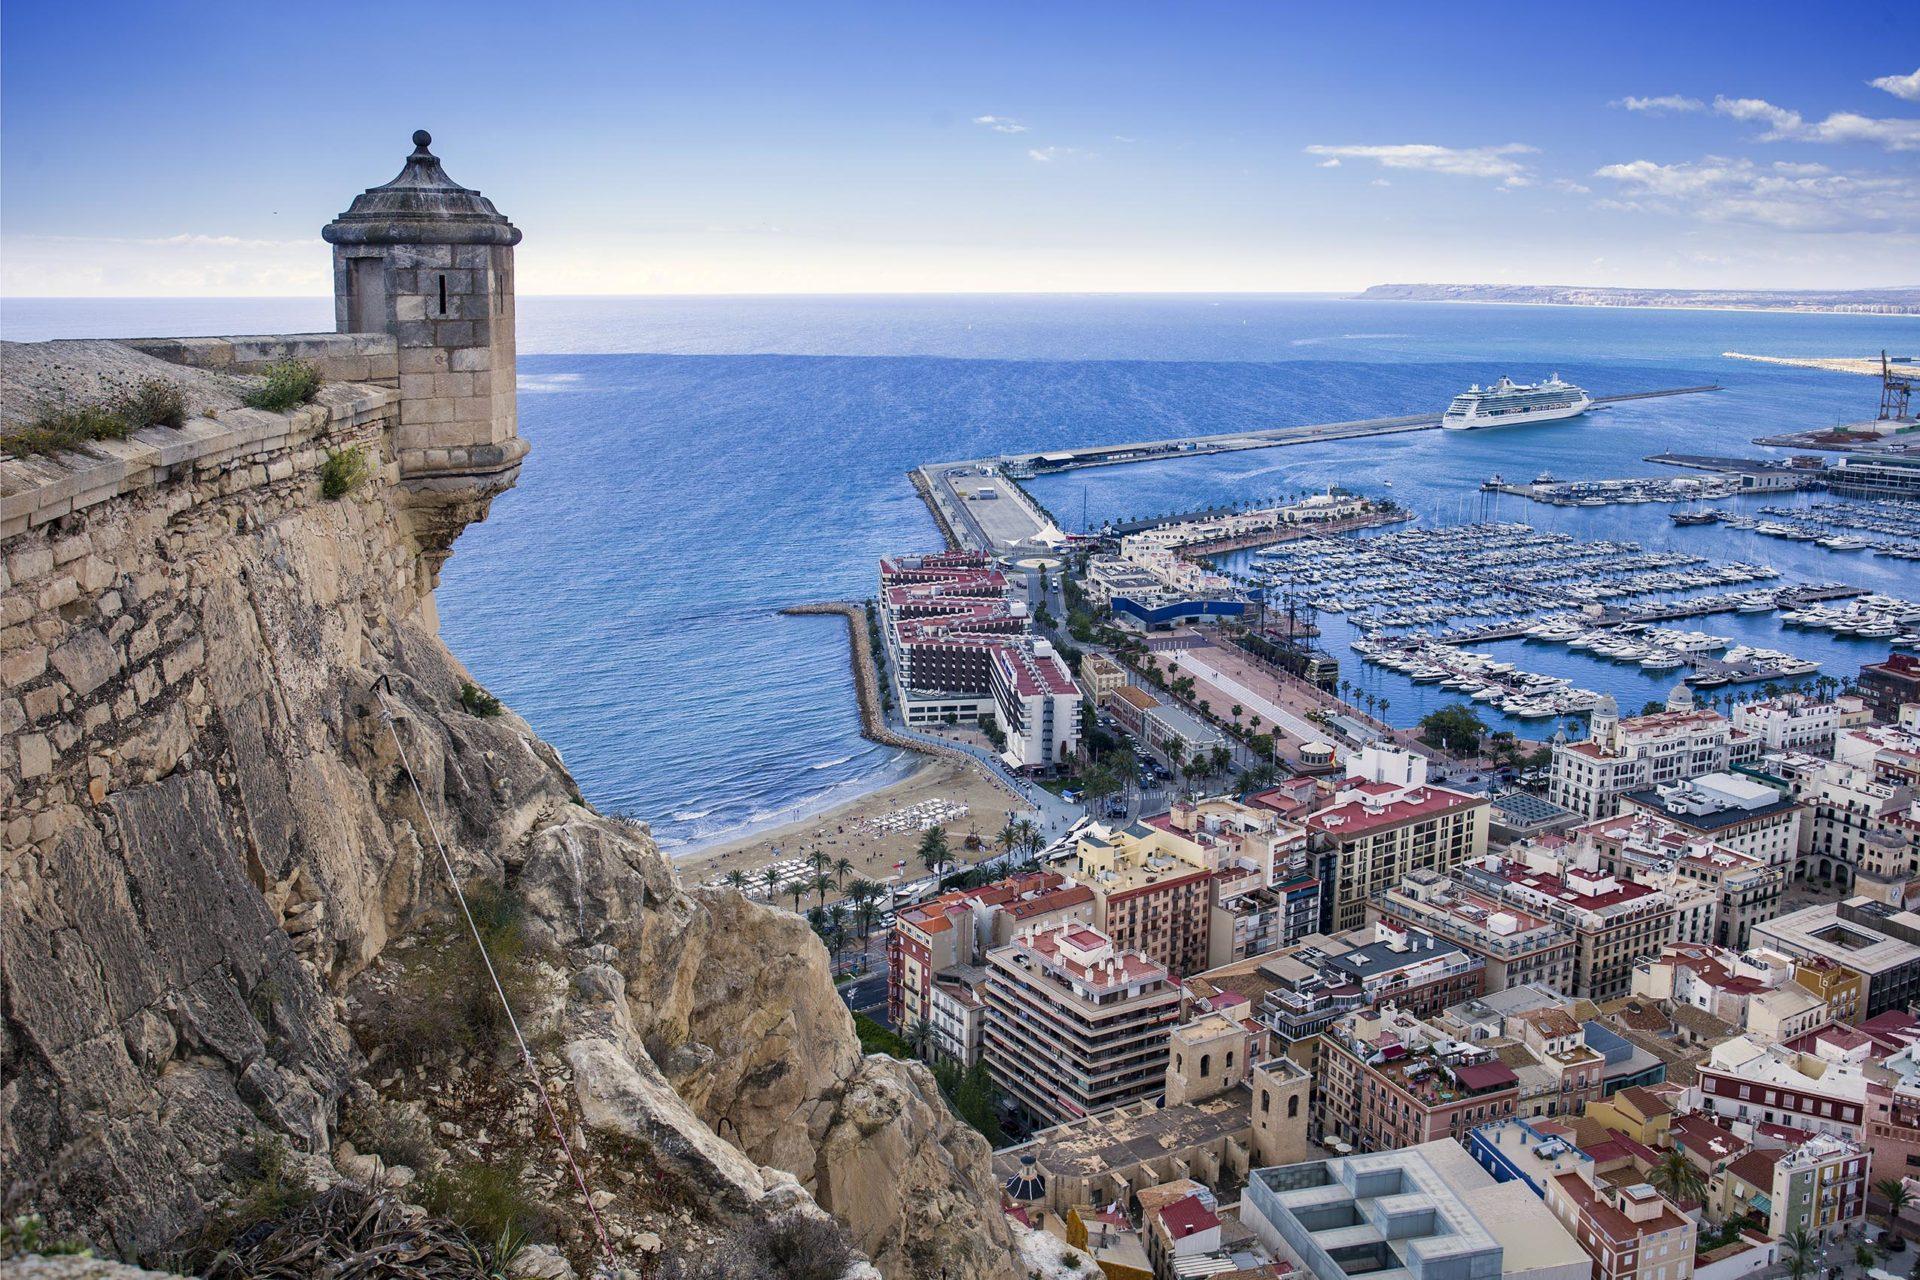 Panorámica de la ciudad de Alicante desde el Castillo de Santa Bárbara